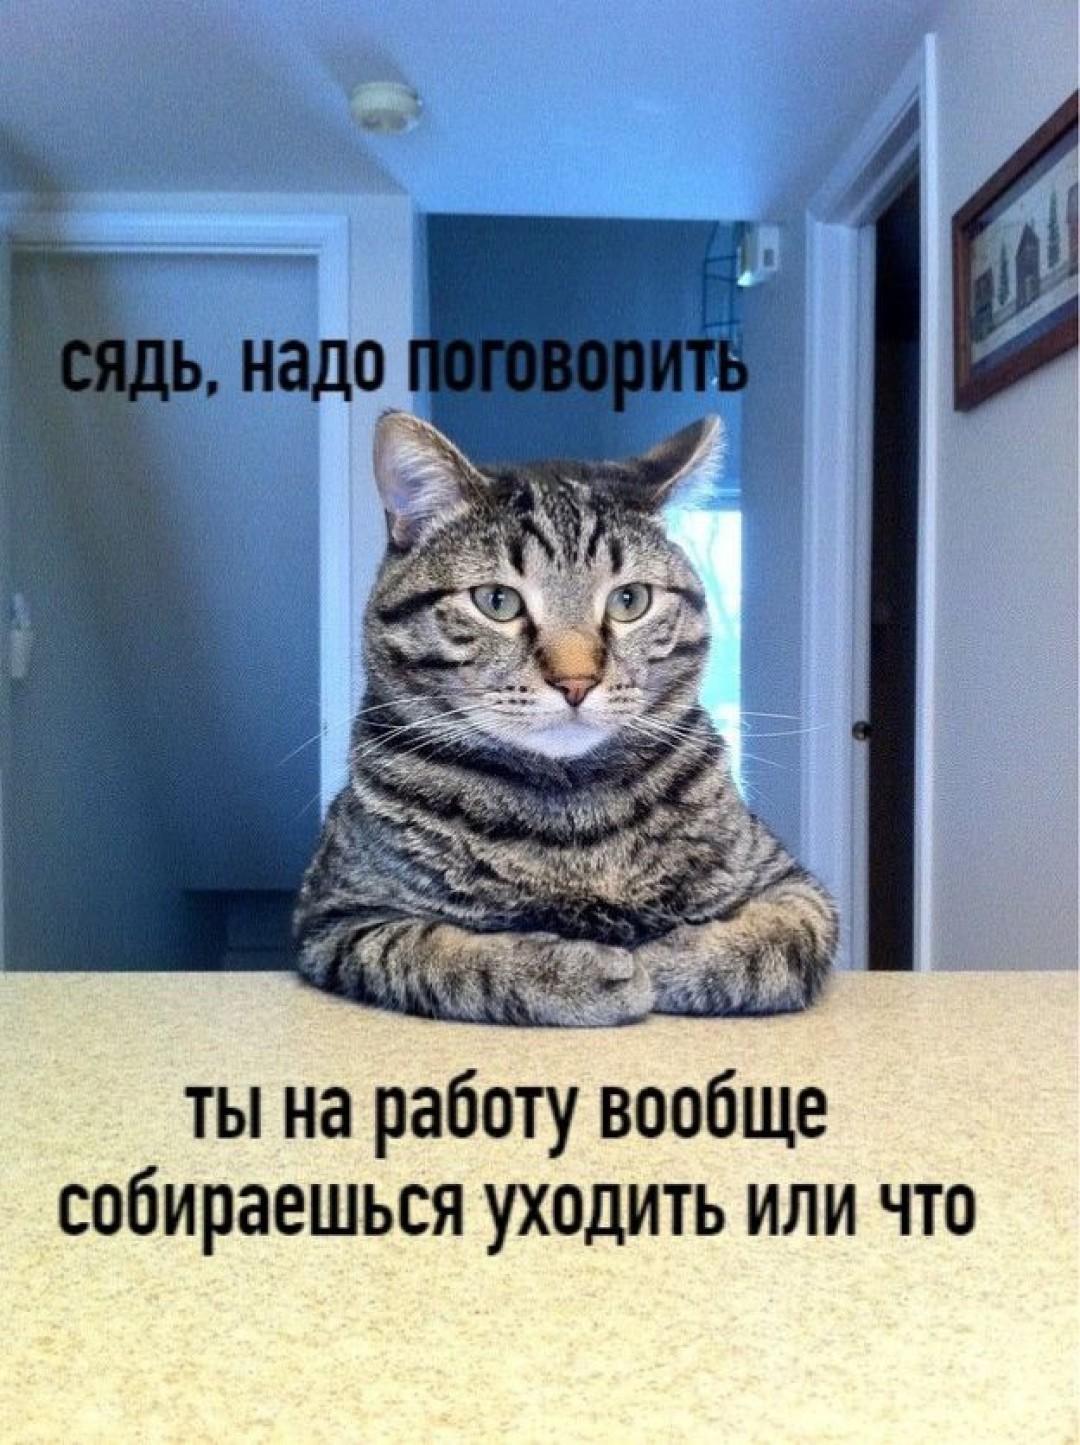 Мем: Сядь, надо поговорить